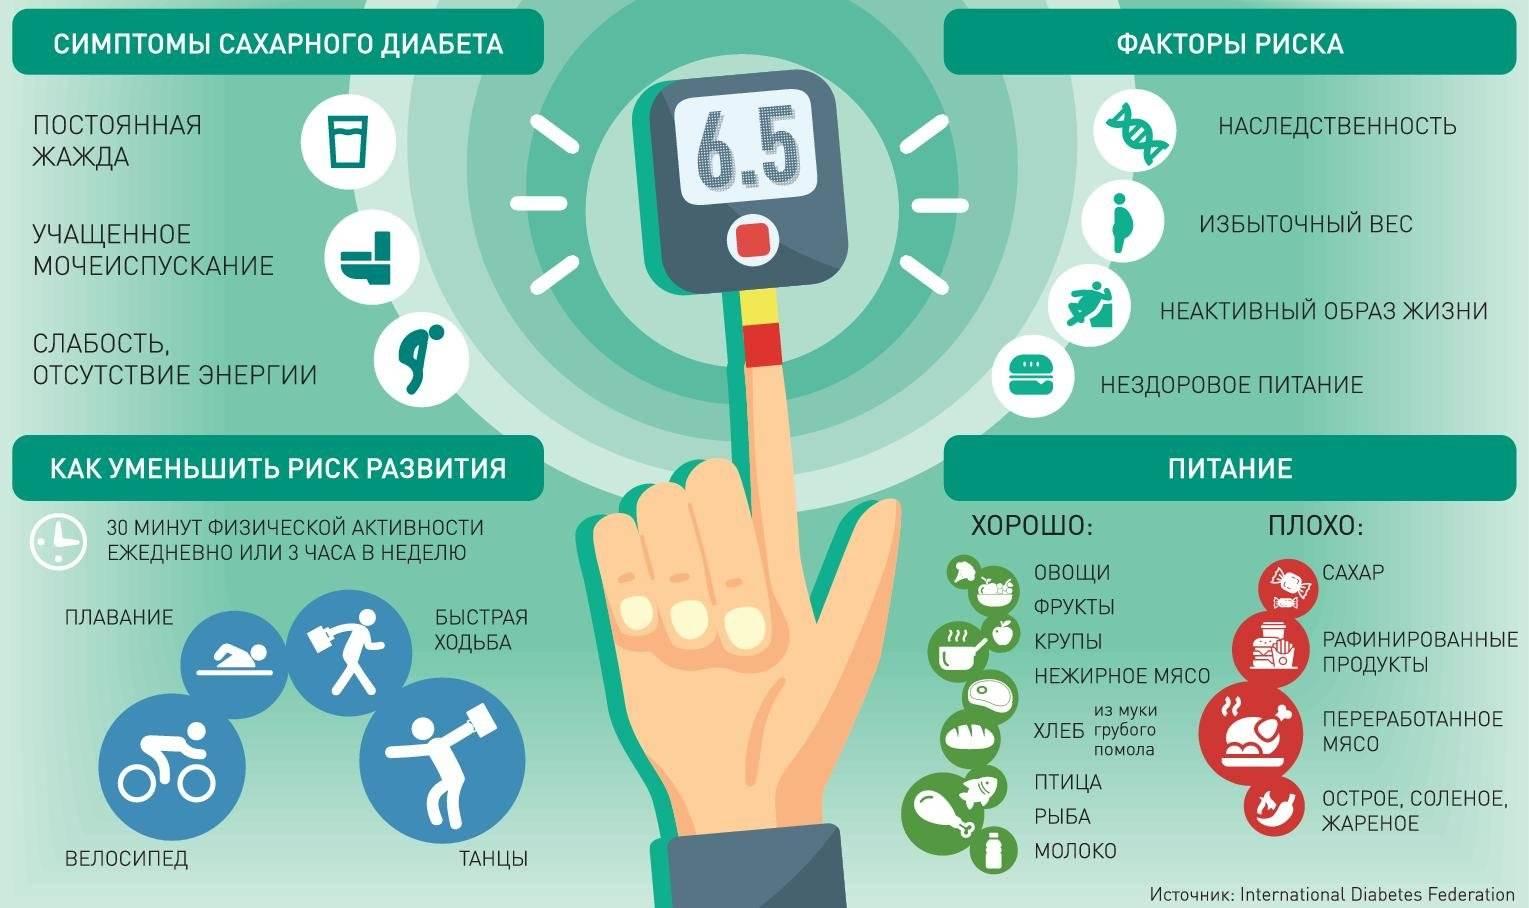 Сахарный диабет 1 типа: признаки, осложнения, лечение